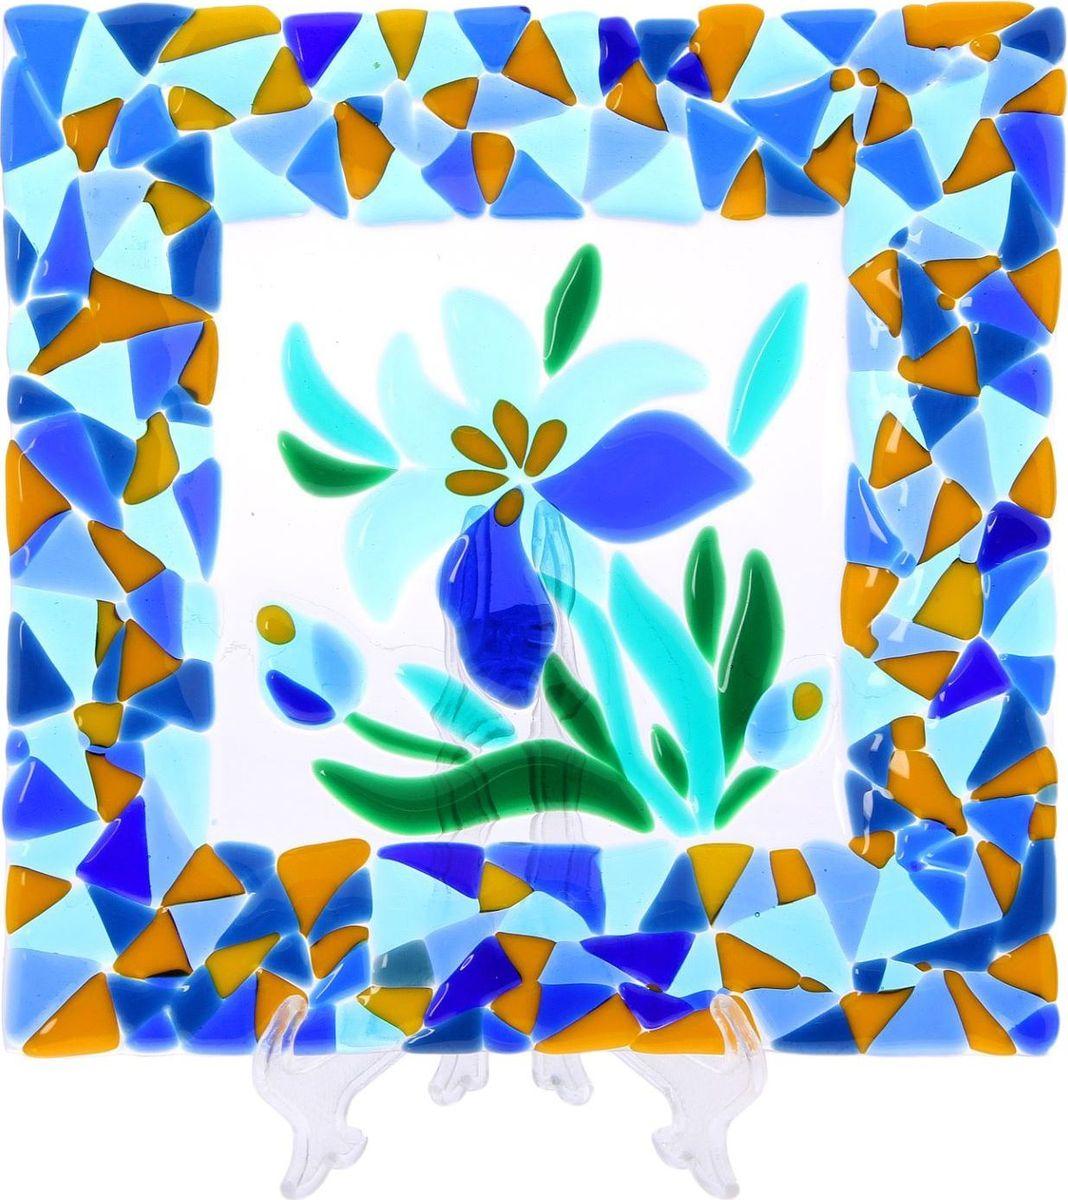 Тарелка Декостек Ирисы, 21 см. 22617522261752Оригинальная посуда — свидетельство особого отношения хозяев дома к гостям. Изделия изготовлены необычным образом: несколько видов стекла спекаются в печи при температуре около 800 градусов. В результате этого получается уникальный продукт, по внешнему виду сходный с витражом. Стекло, полученное с помощью фьюзинга, отличают особенная прозрачность и глубина цвета, оно сохраняет оттенок и не подвержено старению.Особенности предмета:тщательная обработка рельефа поверхности;высококачественный узор;высокая прочность – изделия можно мыть в посудомоечной машине.Такой предмет станет прекрасным подарком по любому случаю. В комплект входит подставка и декоративная коробка.